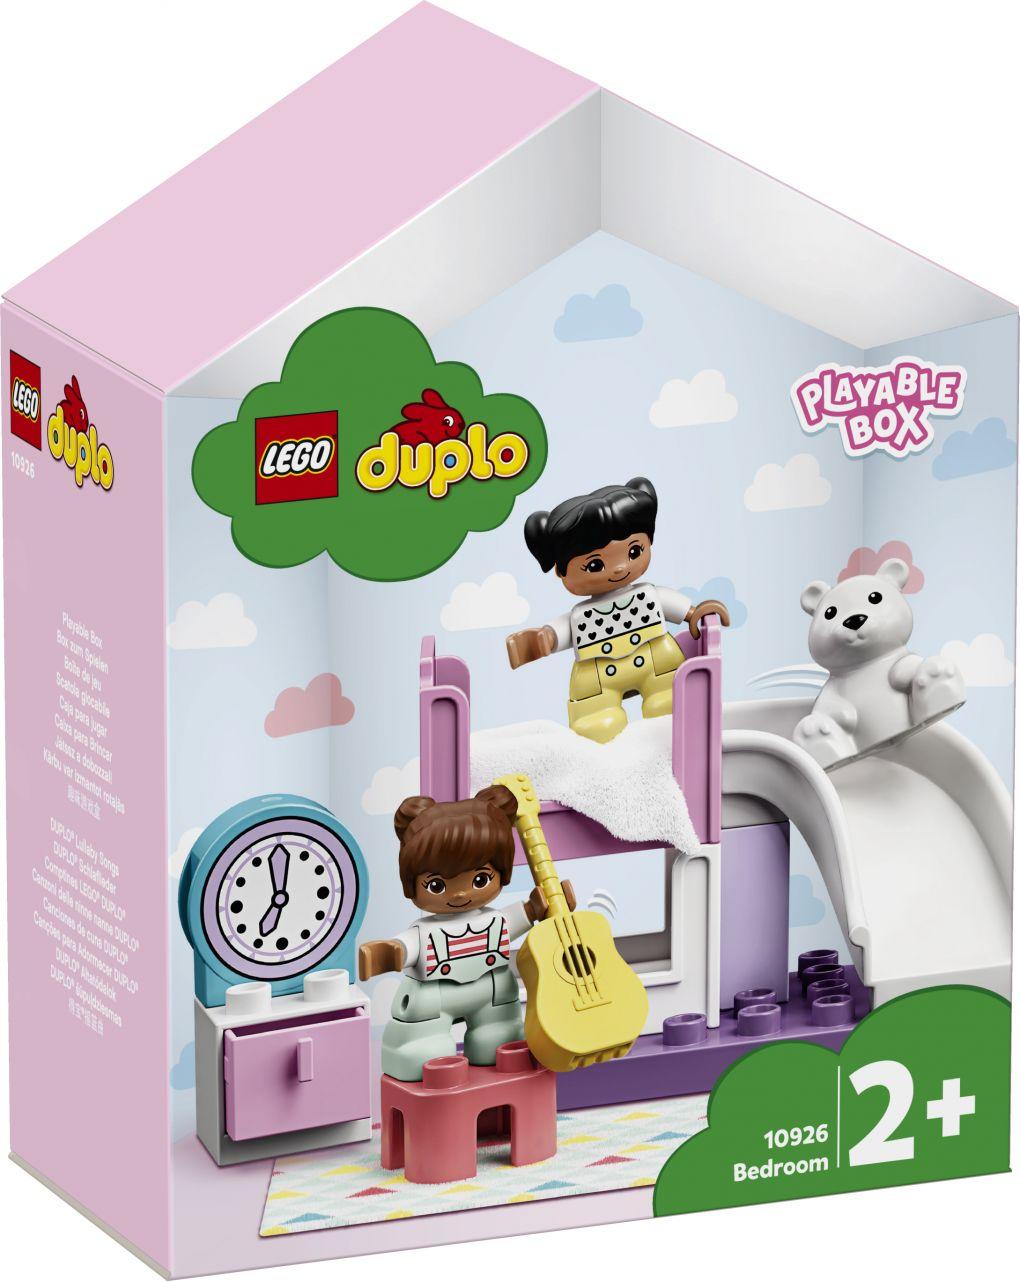 Duplo - quarto - 10926 - LEGO Duplo